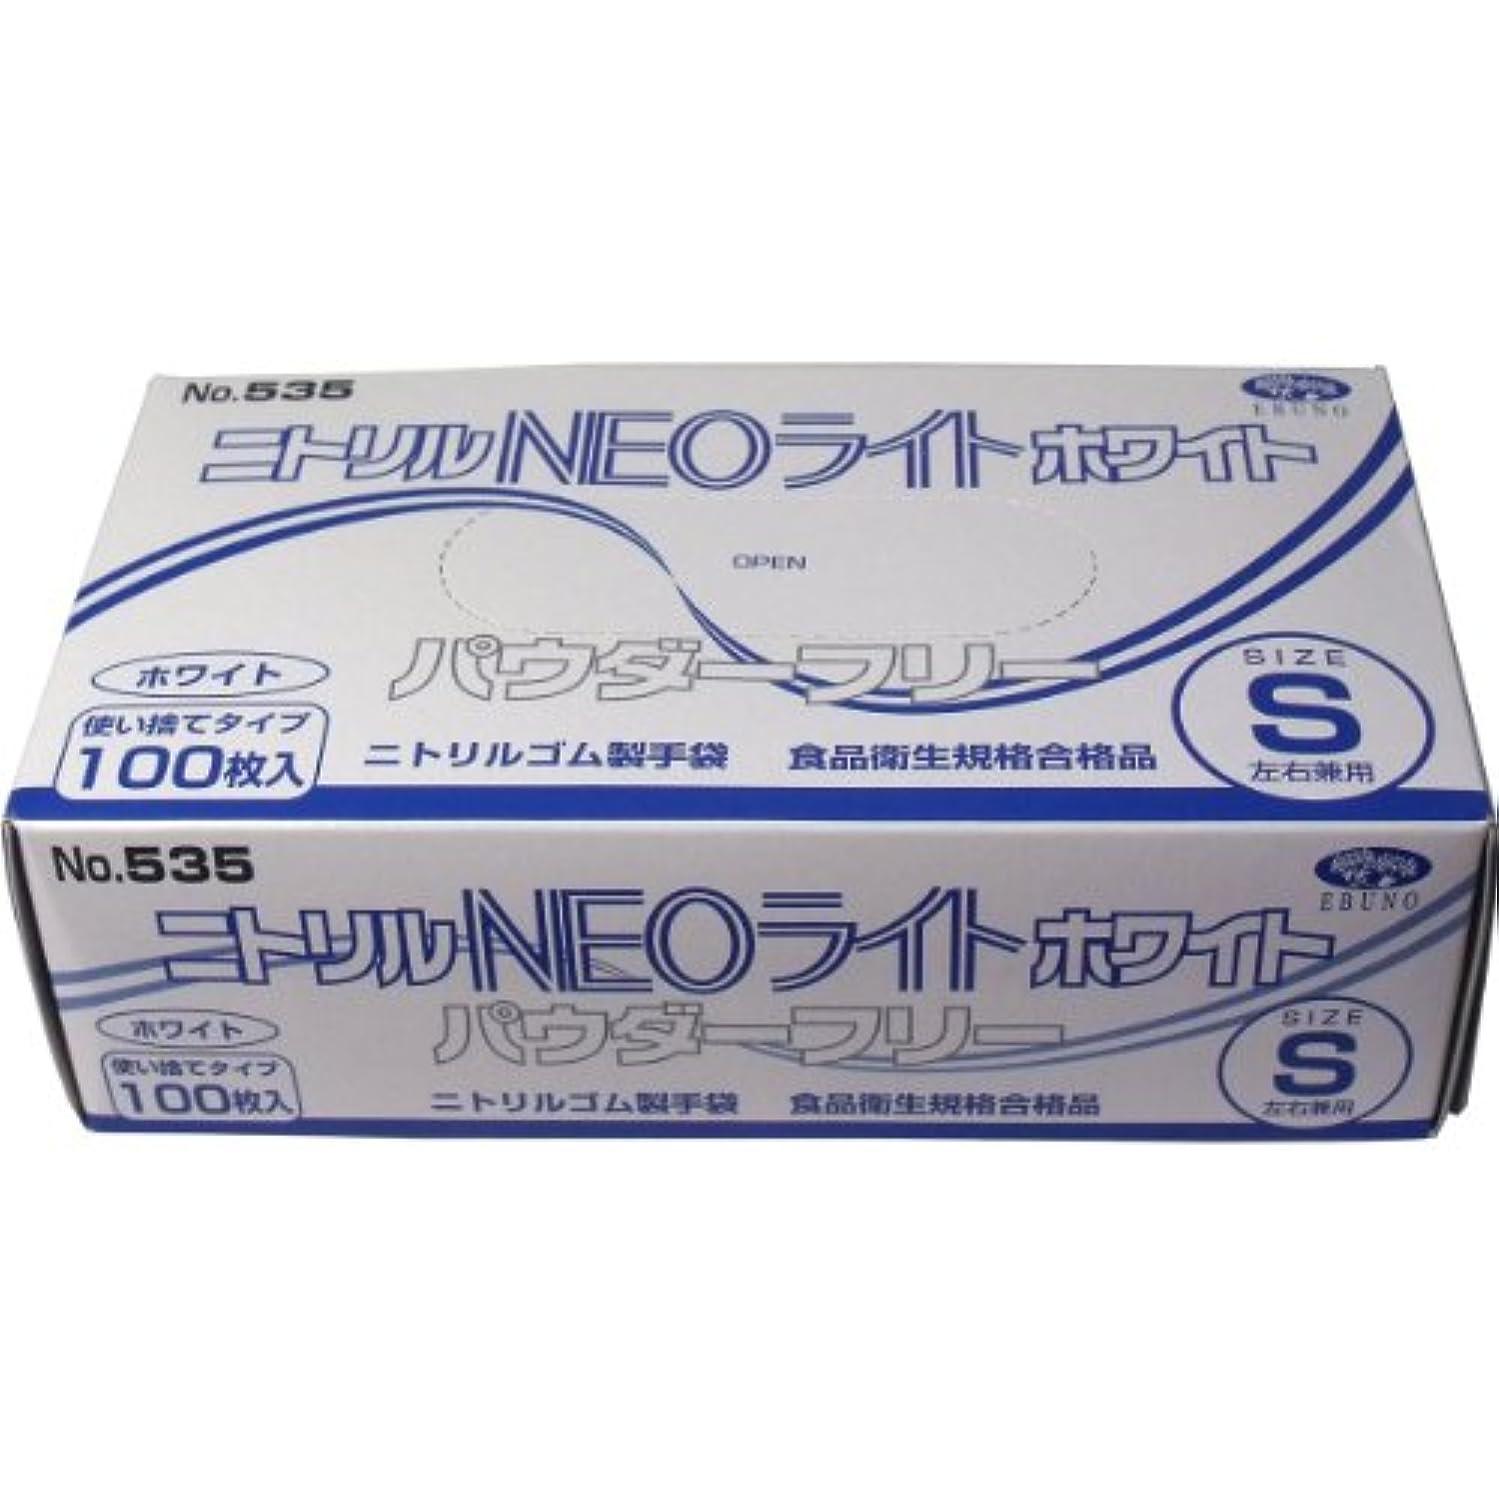 情報アルコール起こるエブノ No.535 ニトリル手袋 ネオライト パウダーフリー ホワイト Sサイズ 100枚入